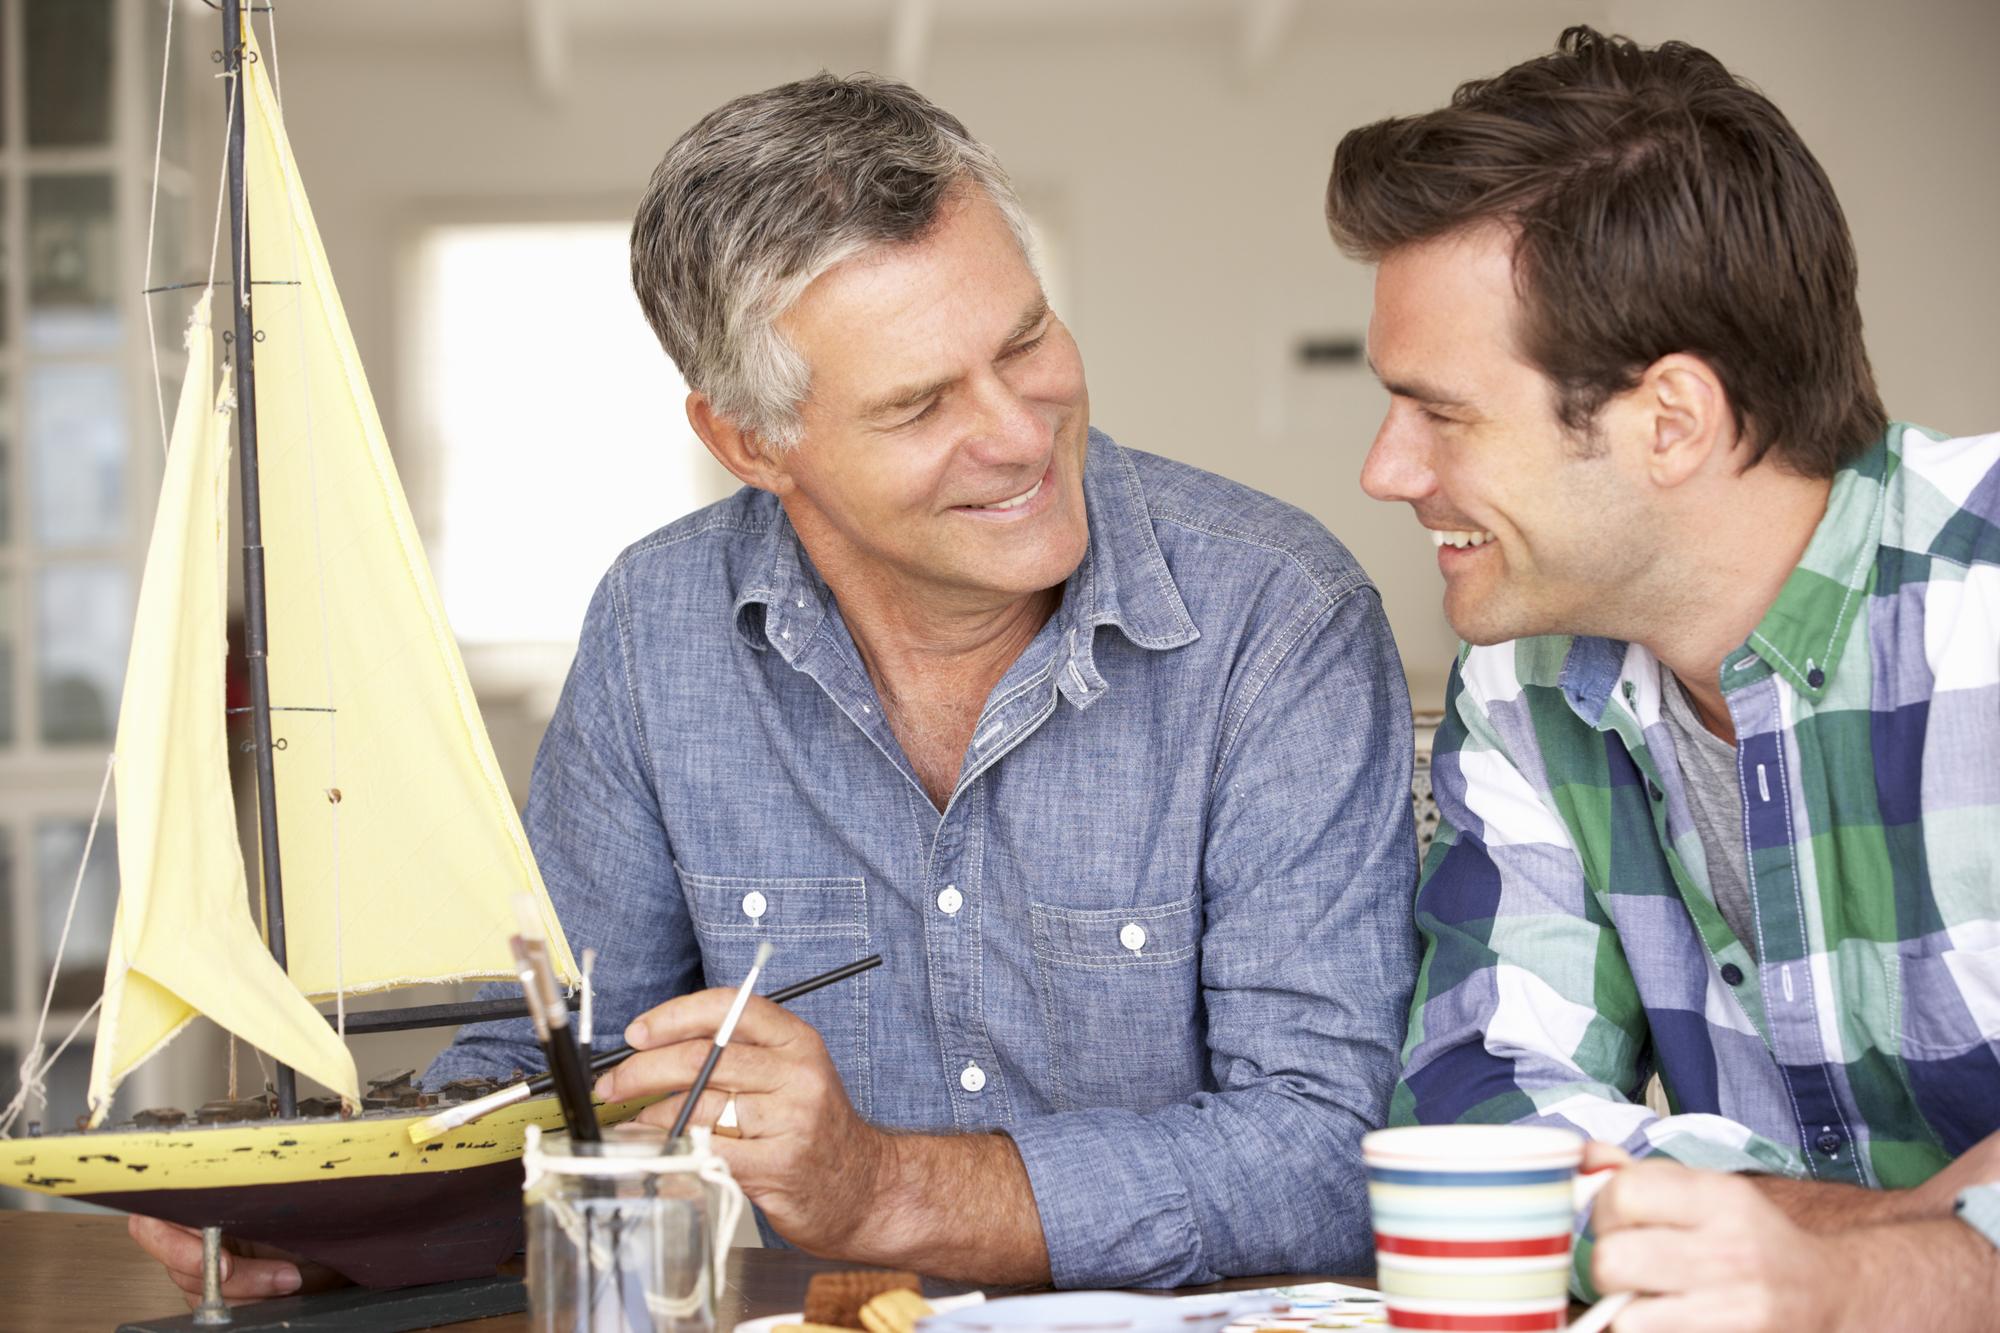 Подарки папам от сыновей в День рождения: ТОП-7 идей, что подарить отцу